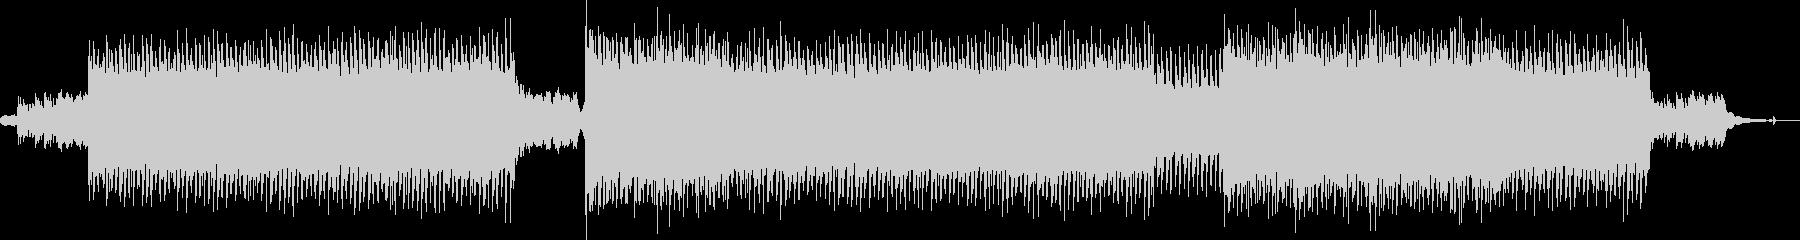 CMに お洒落なフォークポップ/EDMの未再生の波形